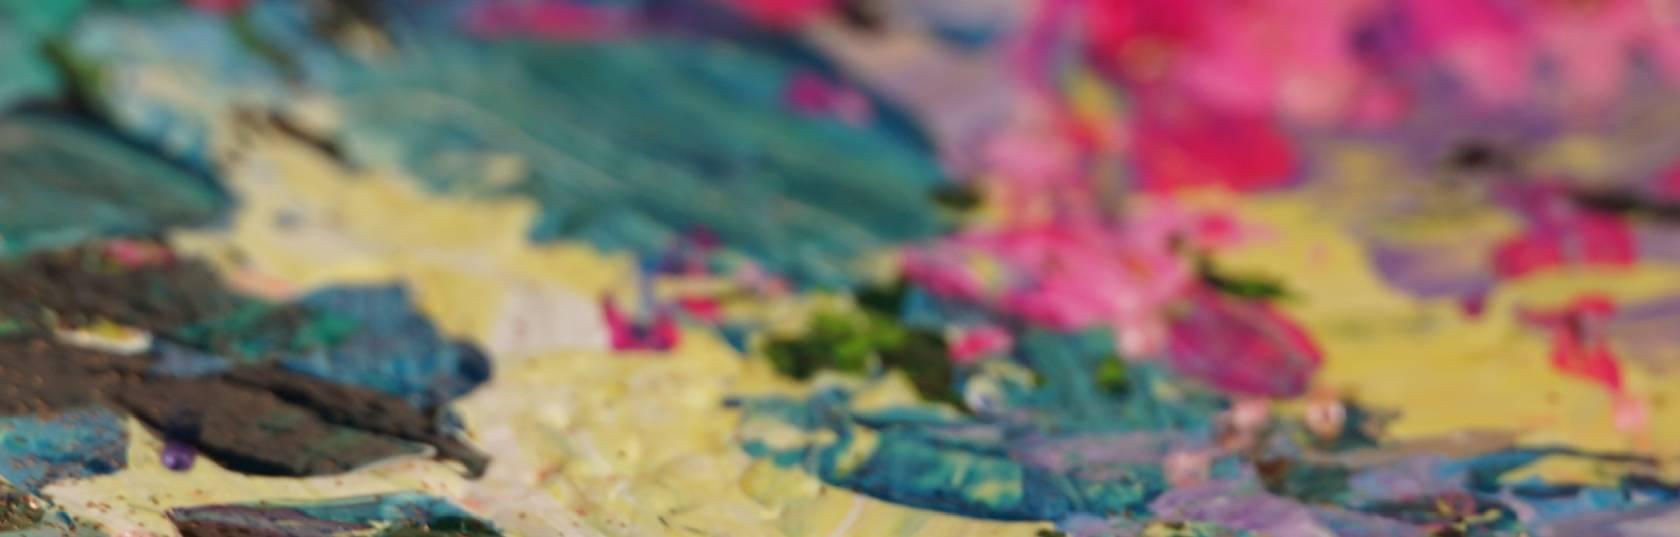 Kontakt - Bildausschnitt Jewlery Jungle von Silke Timpe